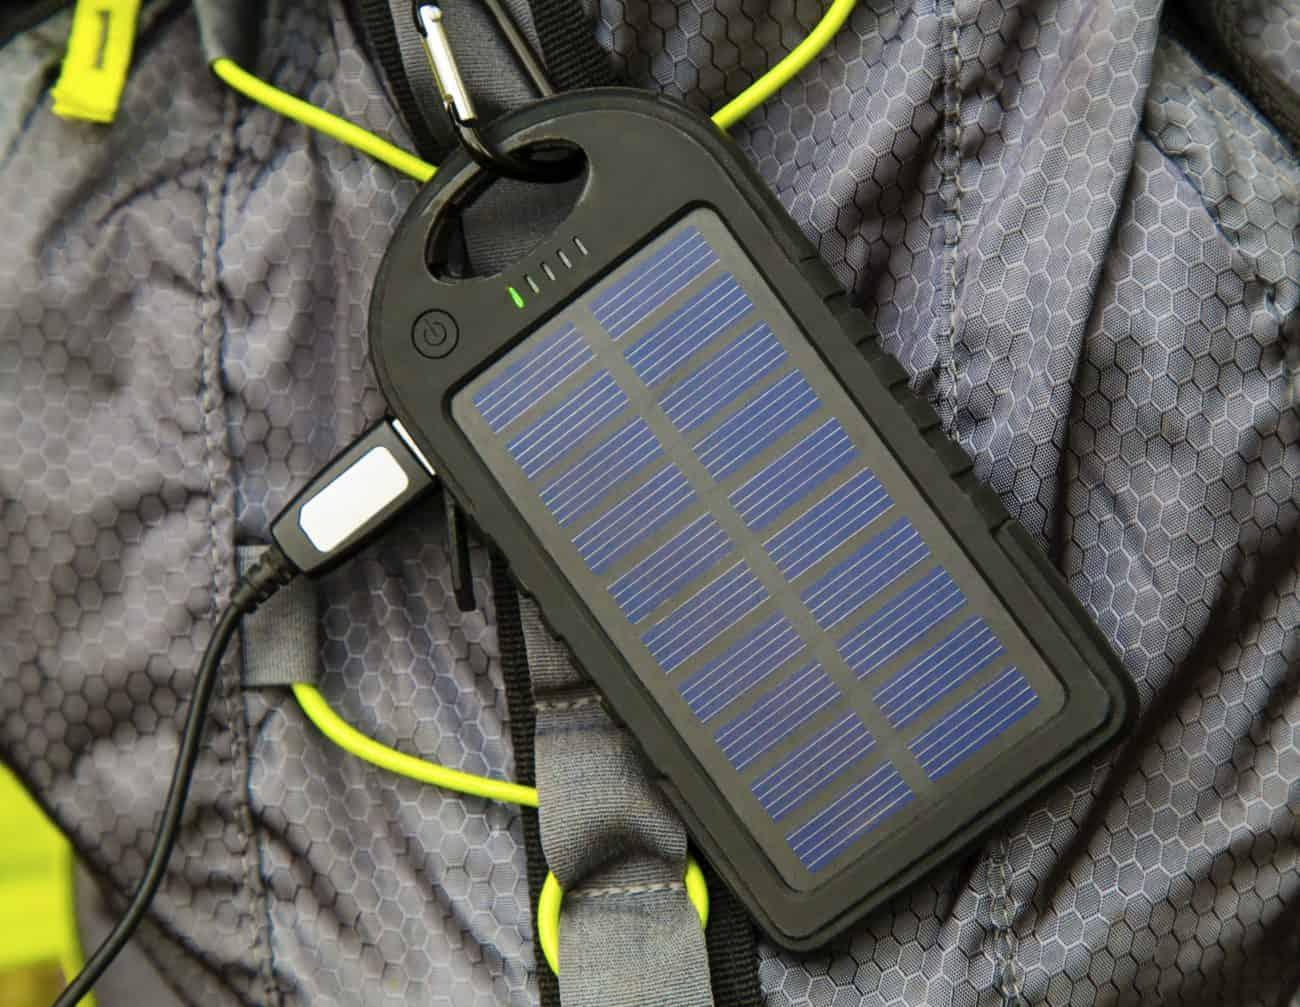 Carregador solar.